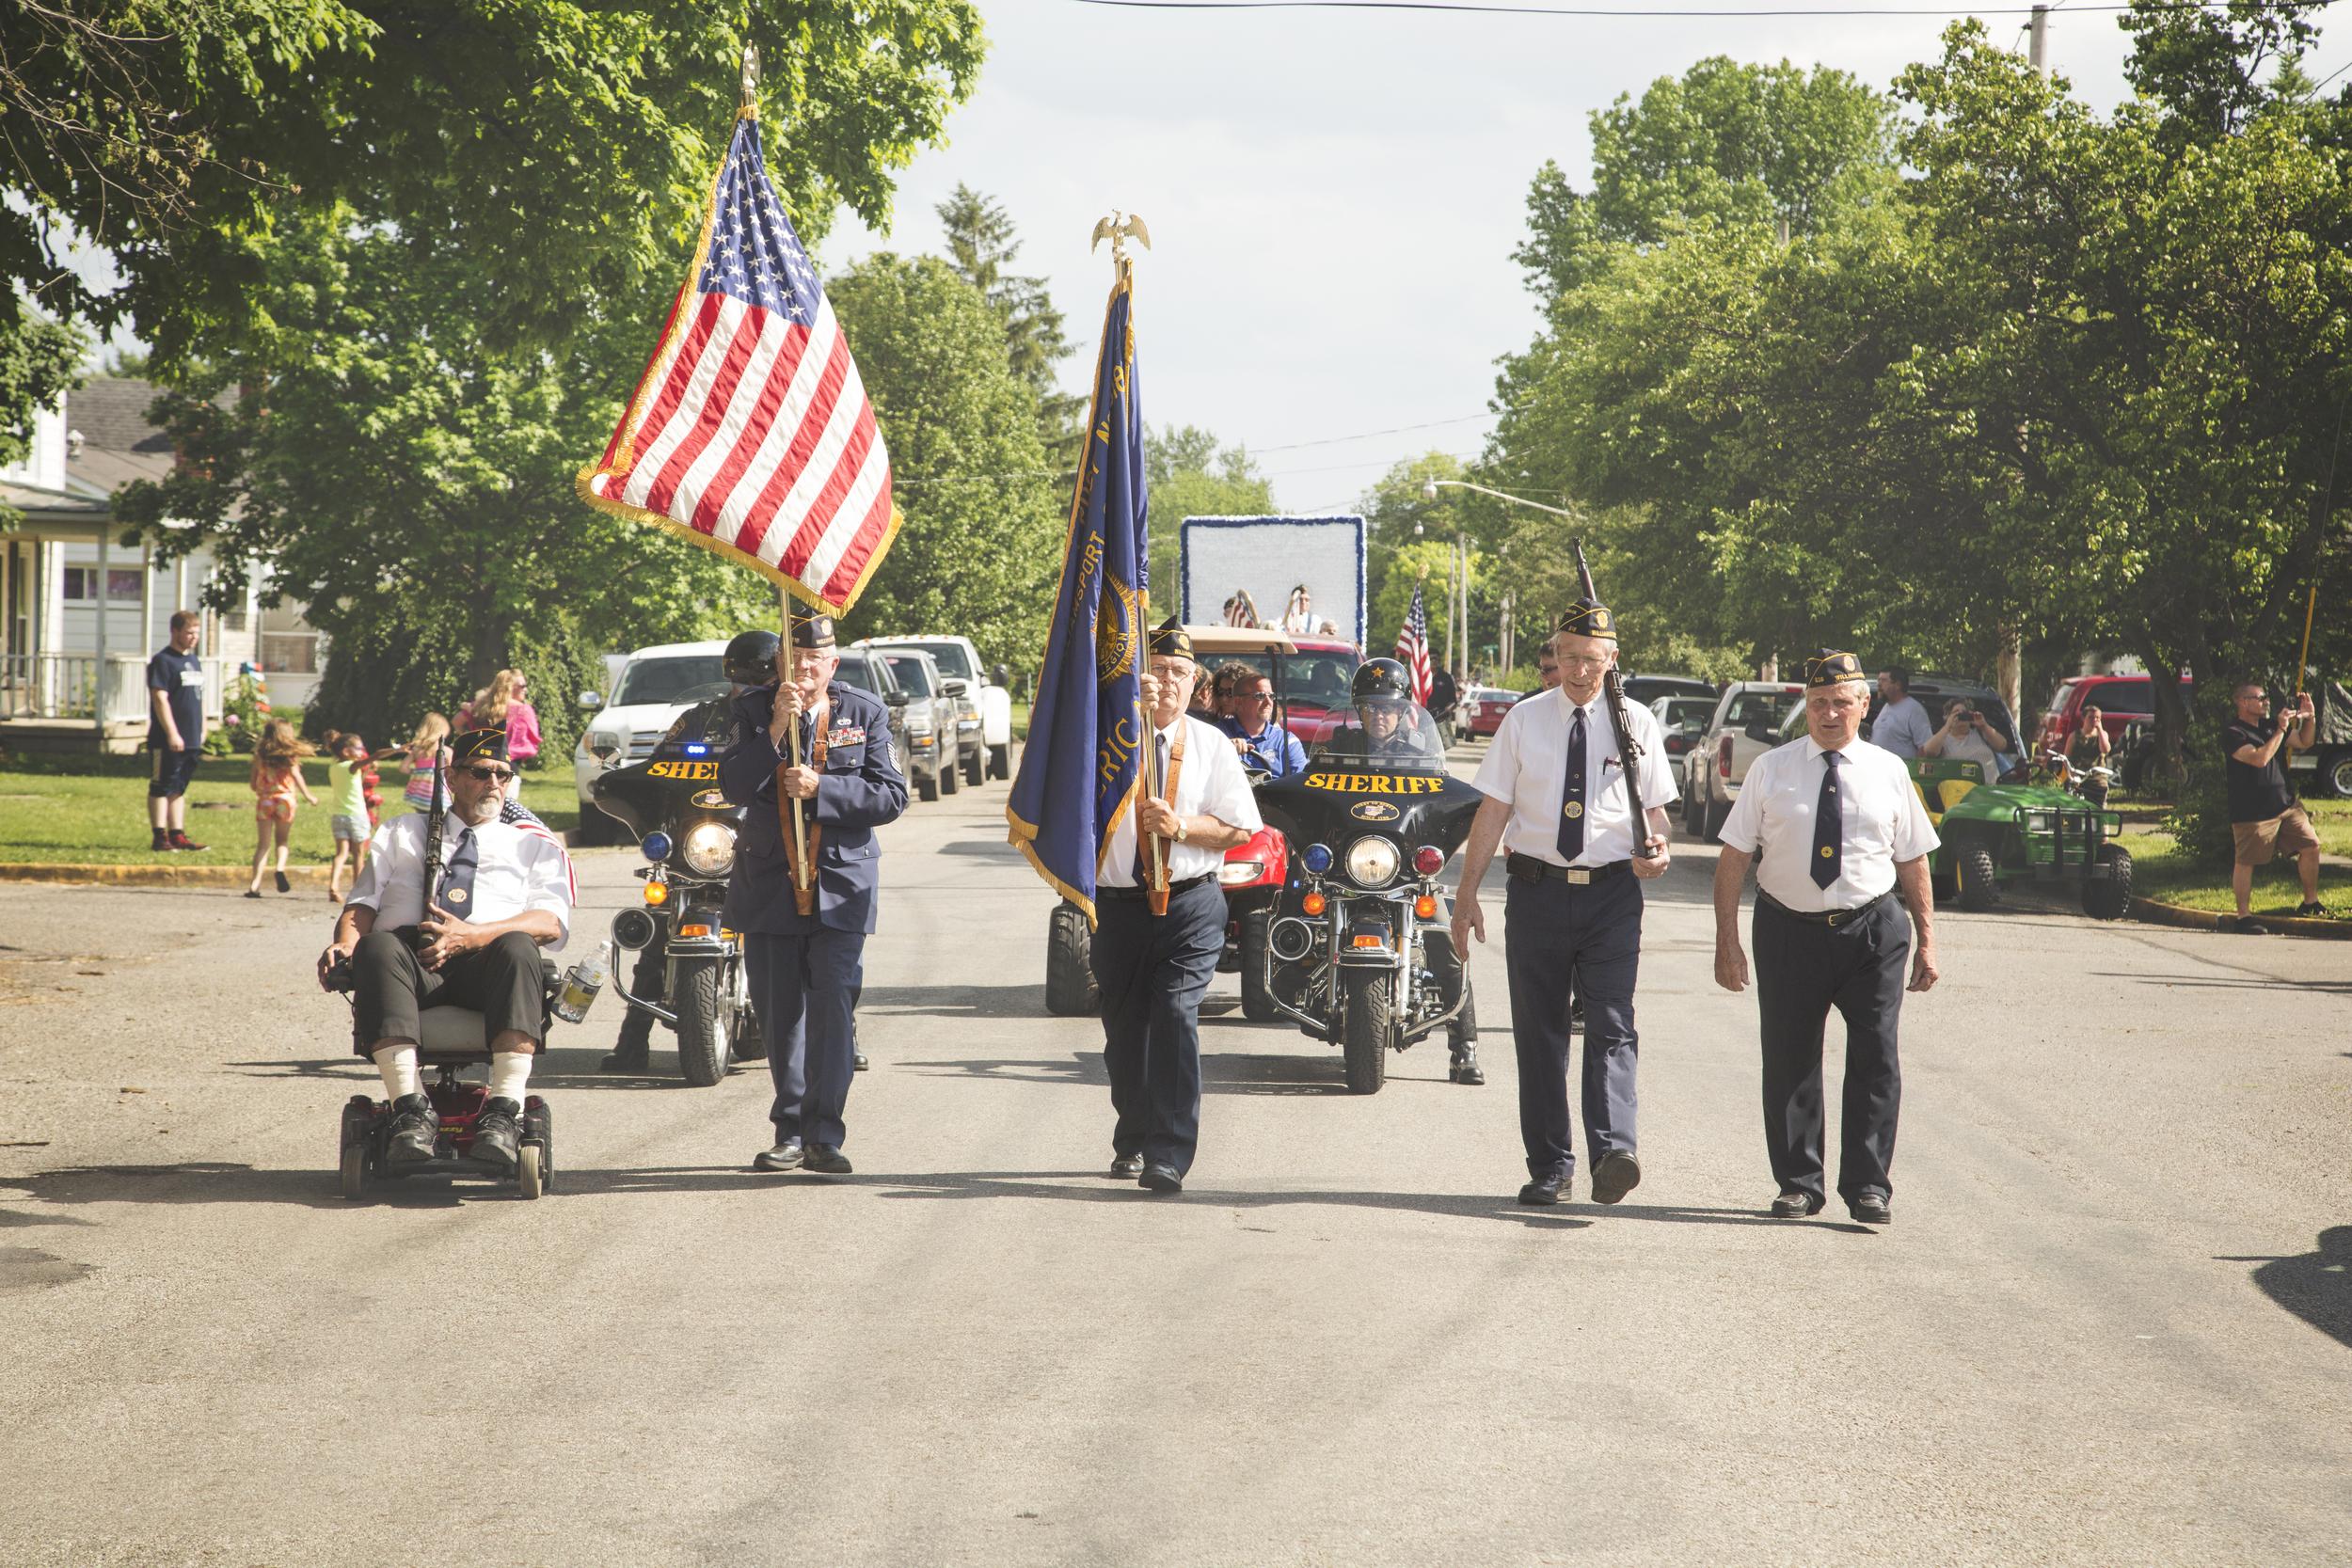 The parade has begun!